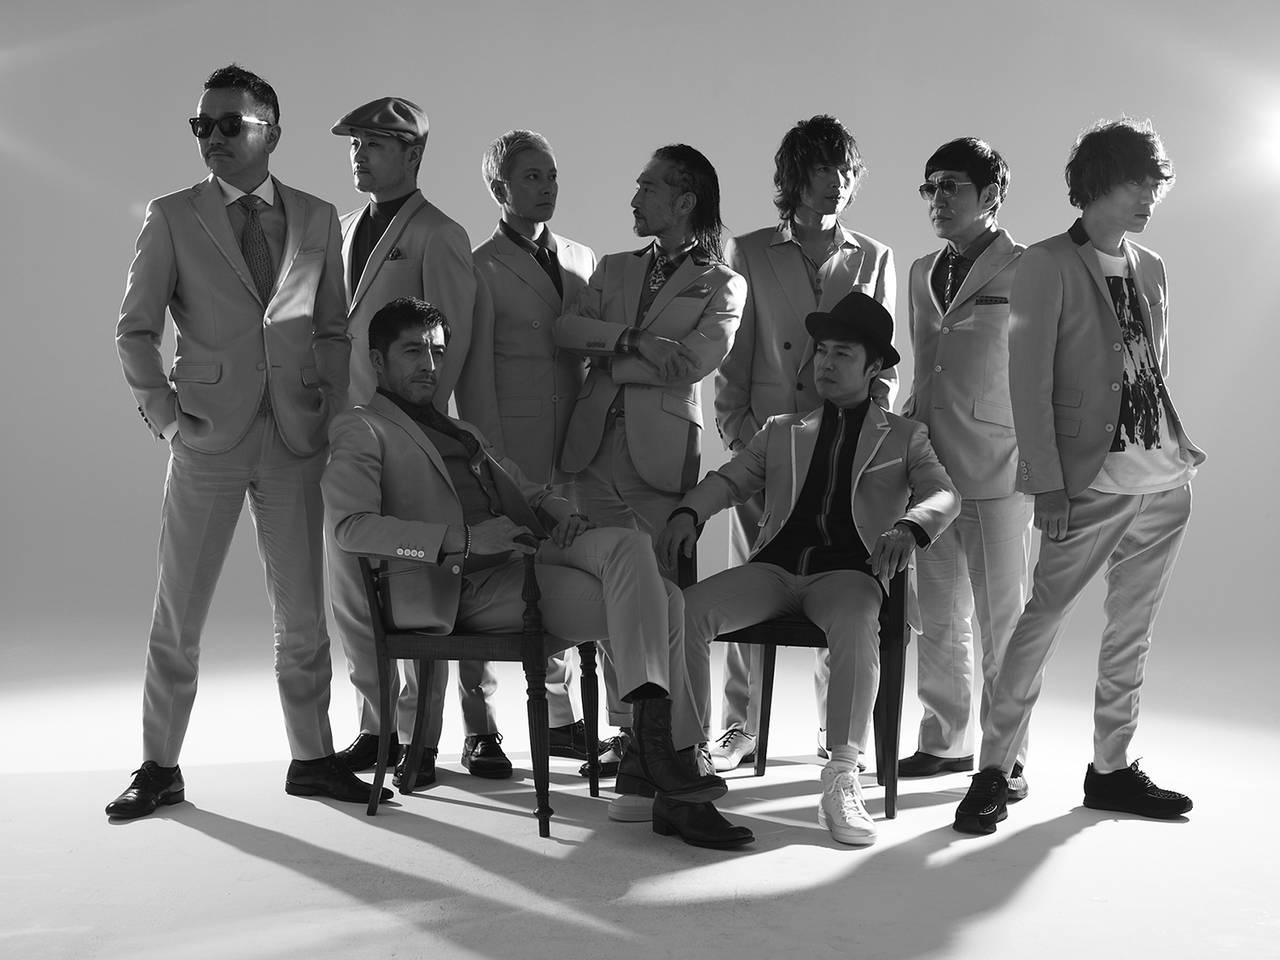 スカパラ、デビュー30周年イヤーKICK OFFワンマンライブと初のJAMセッションTOURの開催決定!